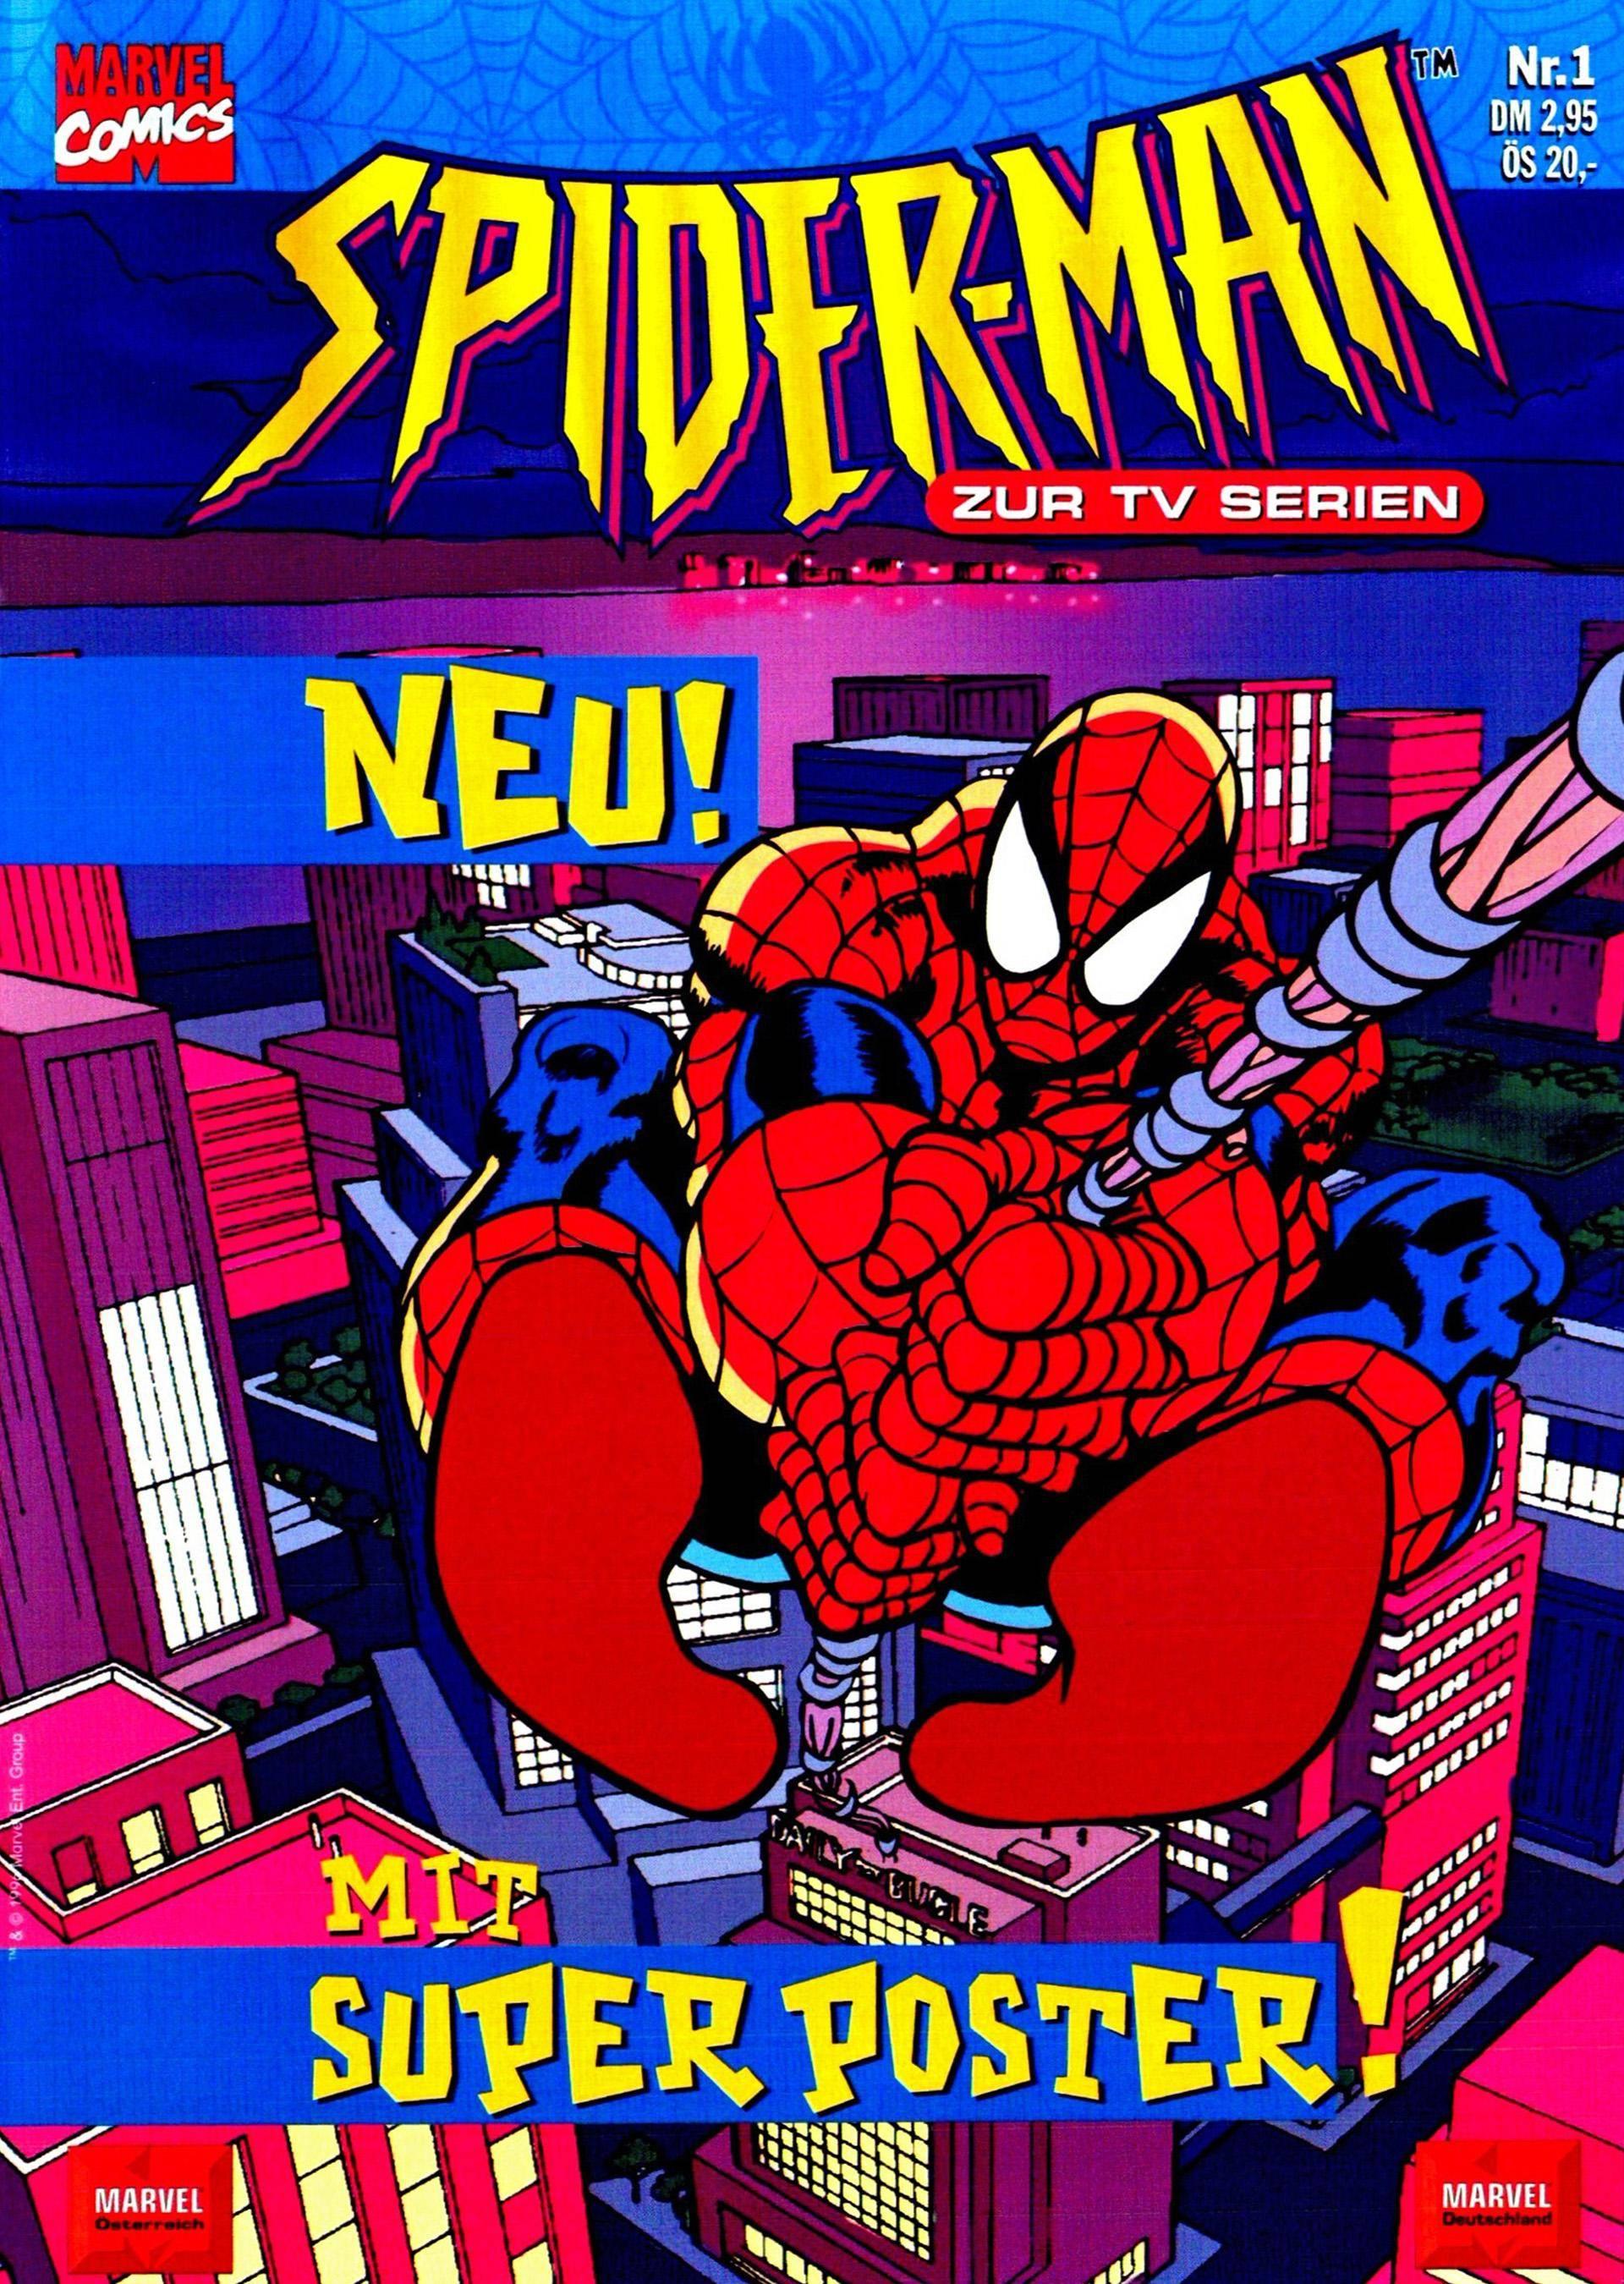 Spider-Man zur TV-Serie 01 - Kraven the hunter